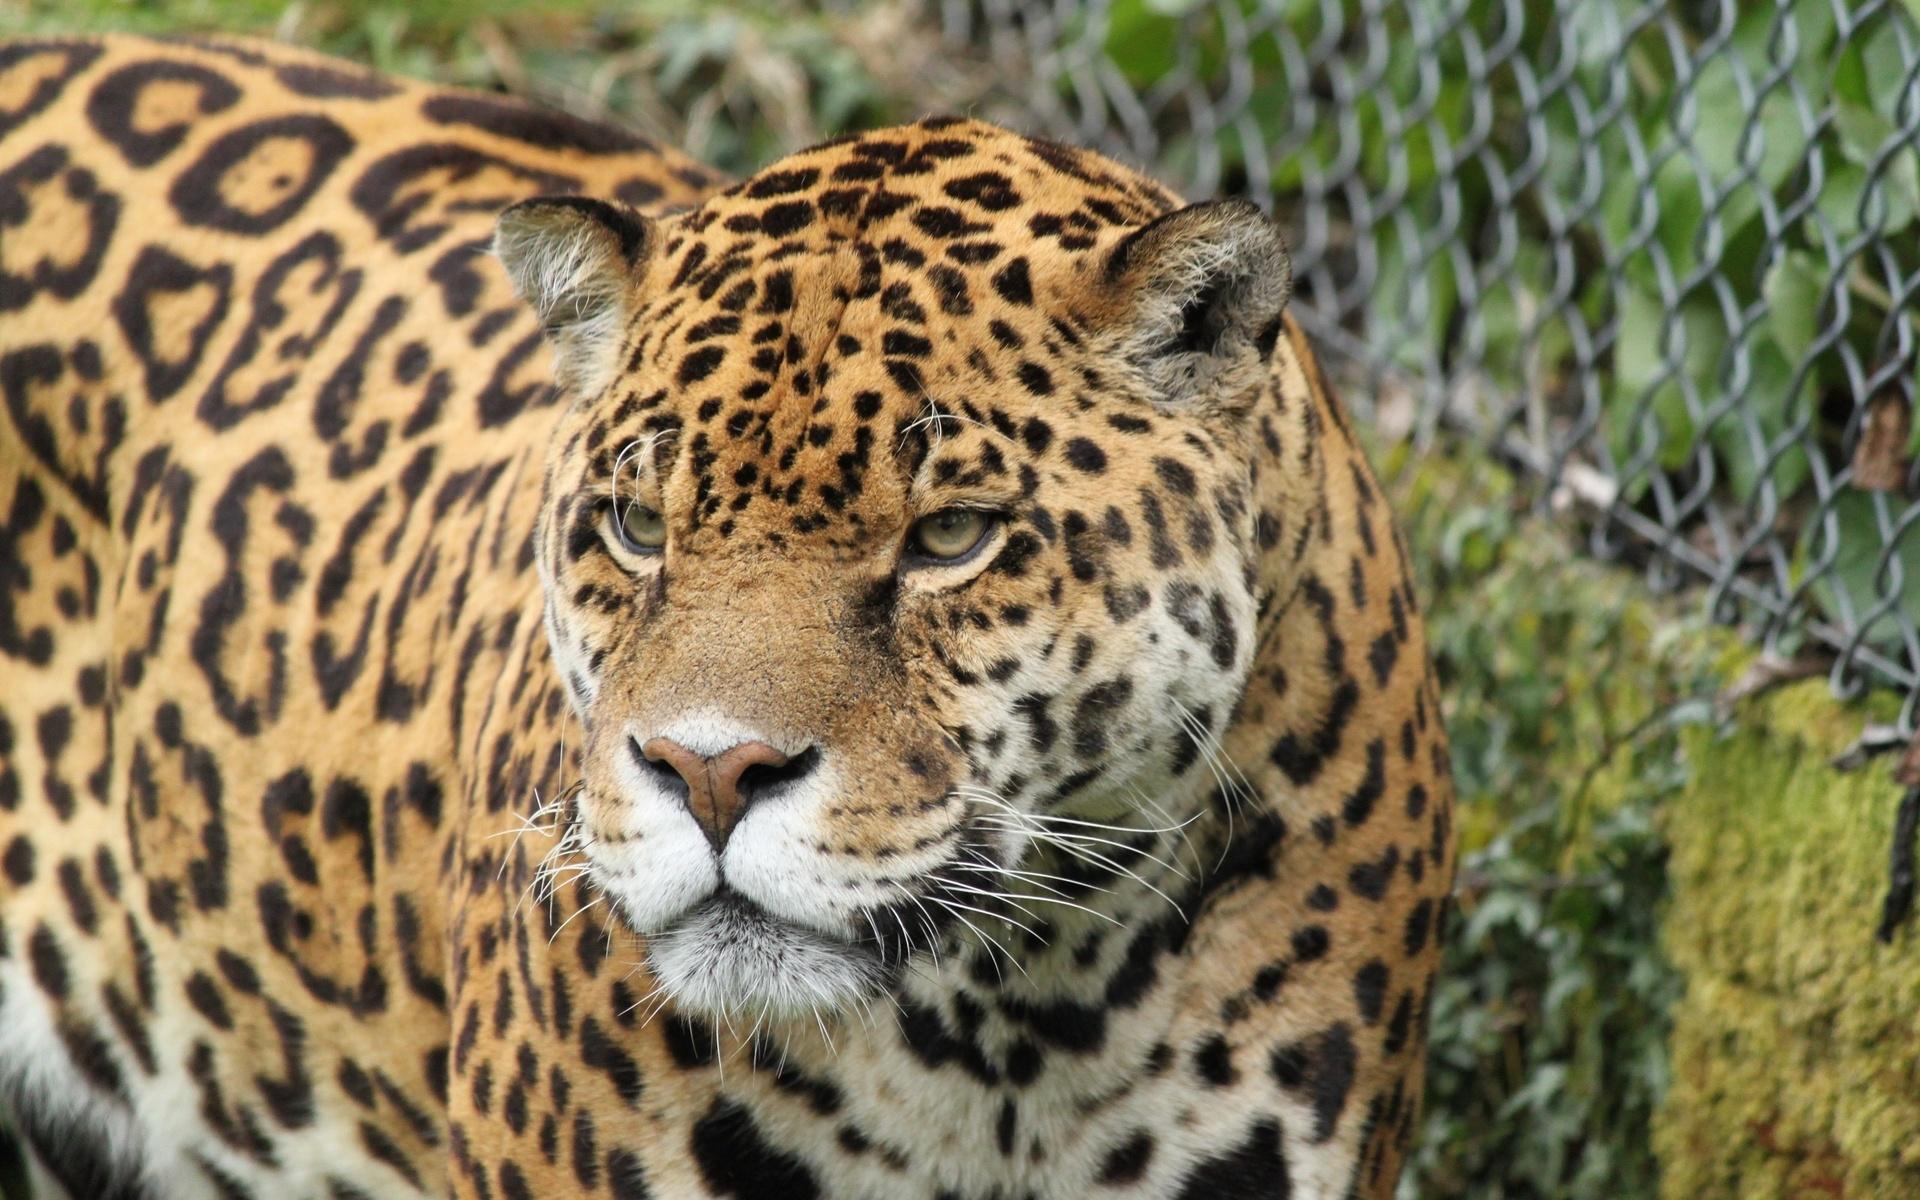 صور حيوانات الغابة بالكامل HD اجمل صور خلفيات الحيوانات ...